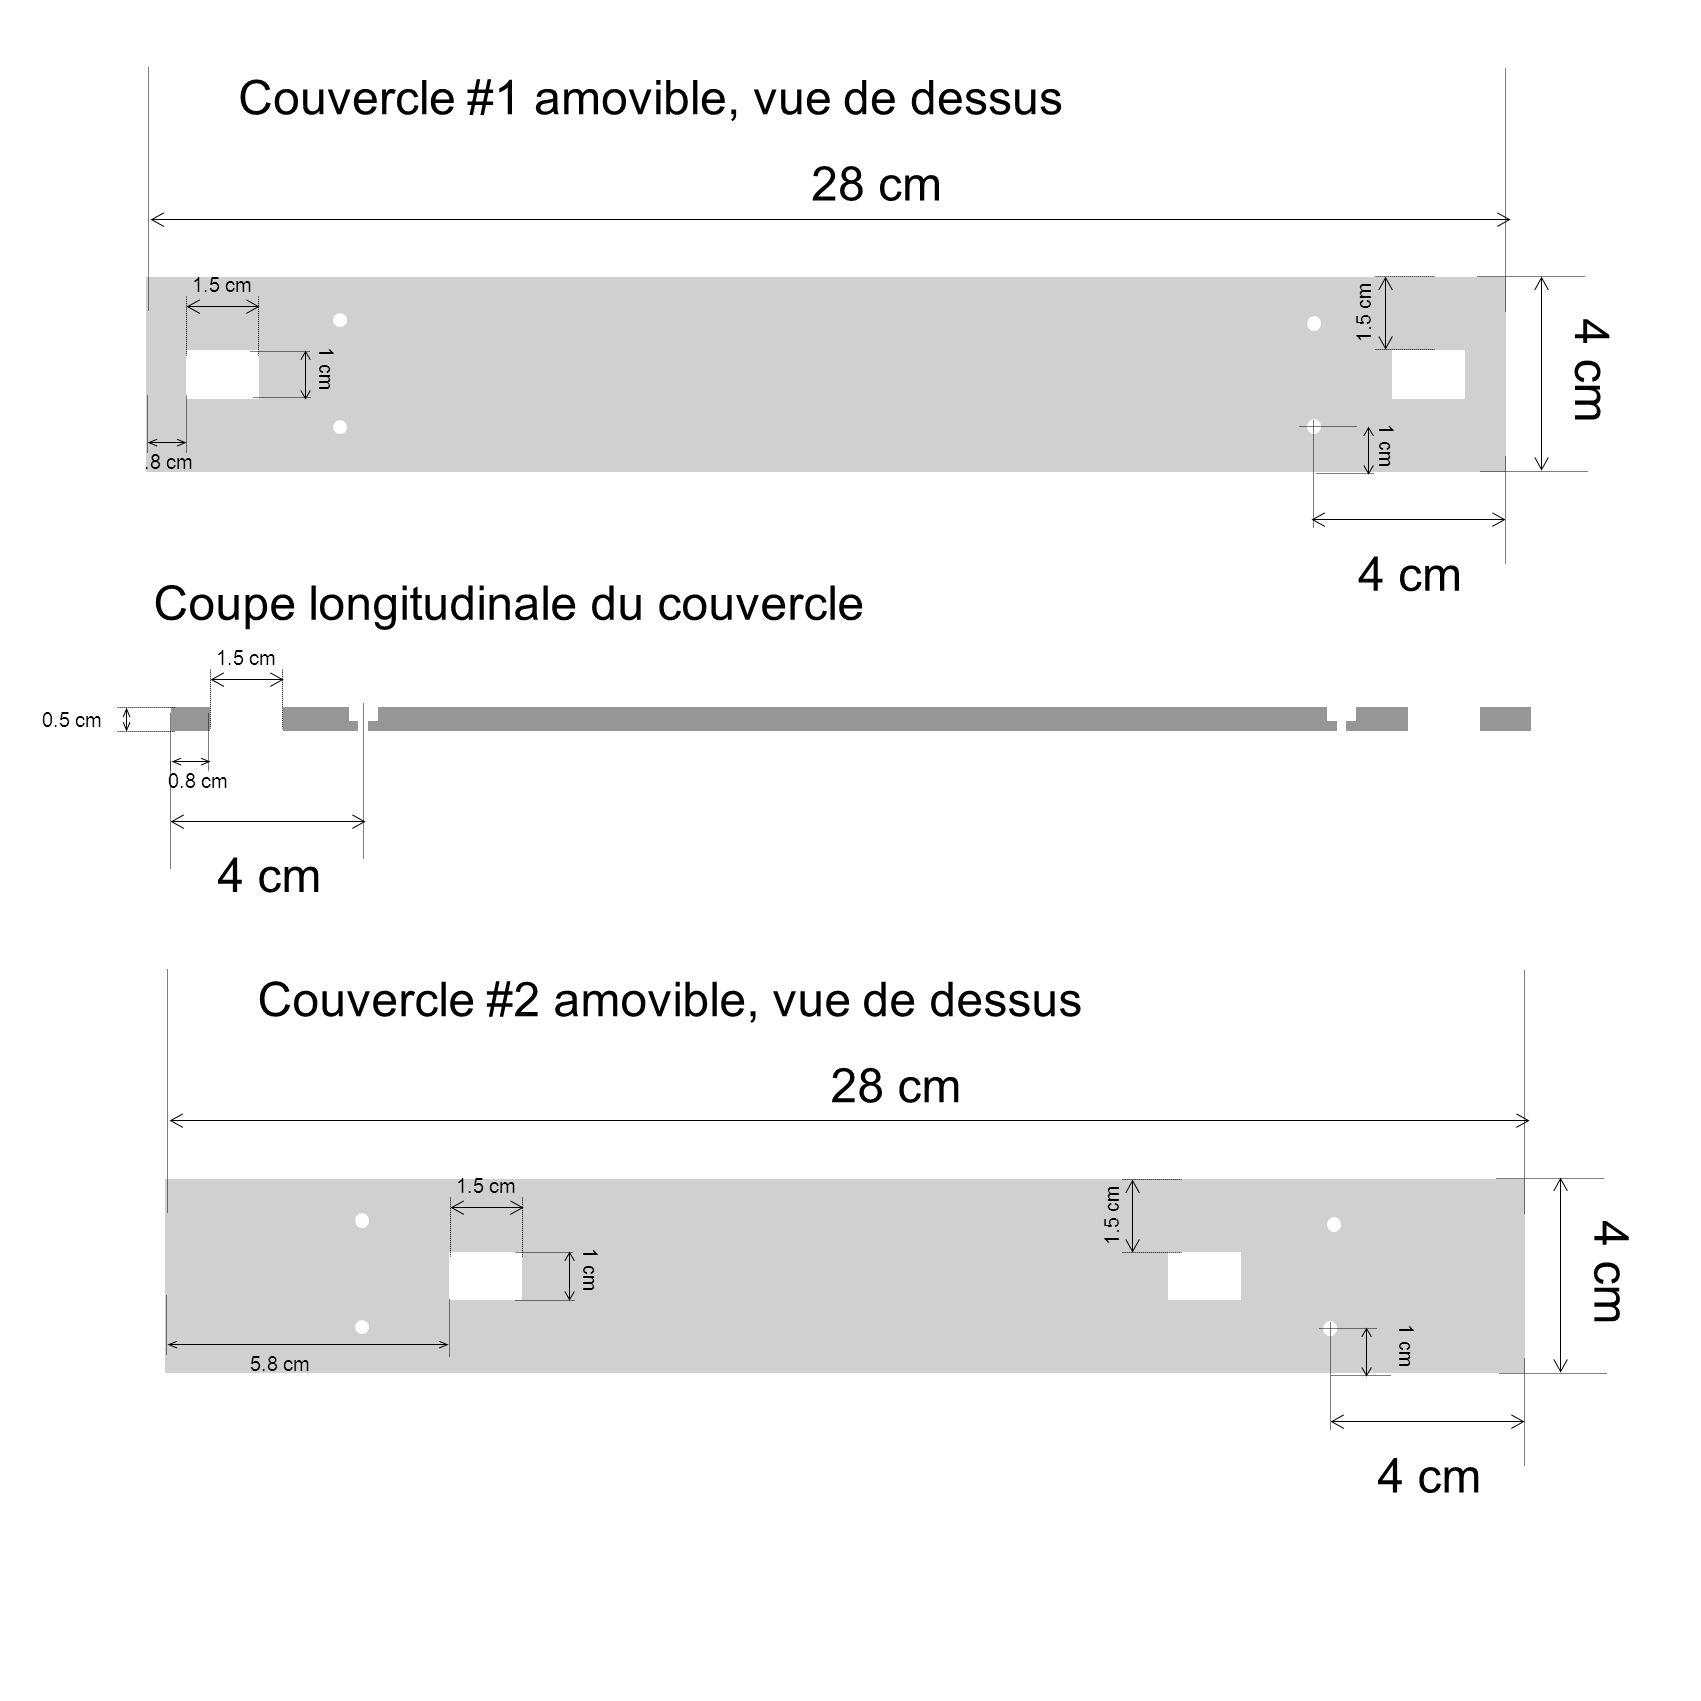 1.5 cm 1 cm.8 cm 28 cm 4 cm 1 cm 4 cm 0.8 cm 1.5 cm 0.5 cm Couvercle #1 amovible, vue de dessus Coupe longitudinale du couvercle 1.5 cm 1 cm 5.8 cm 28